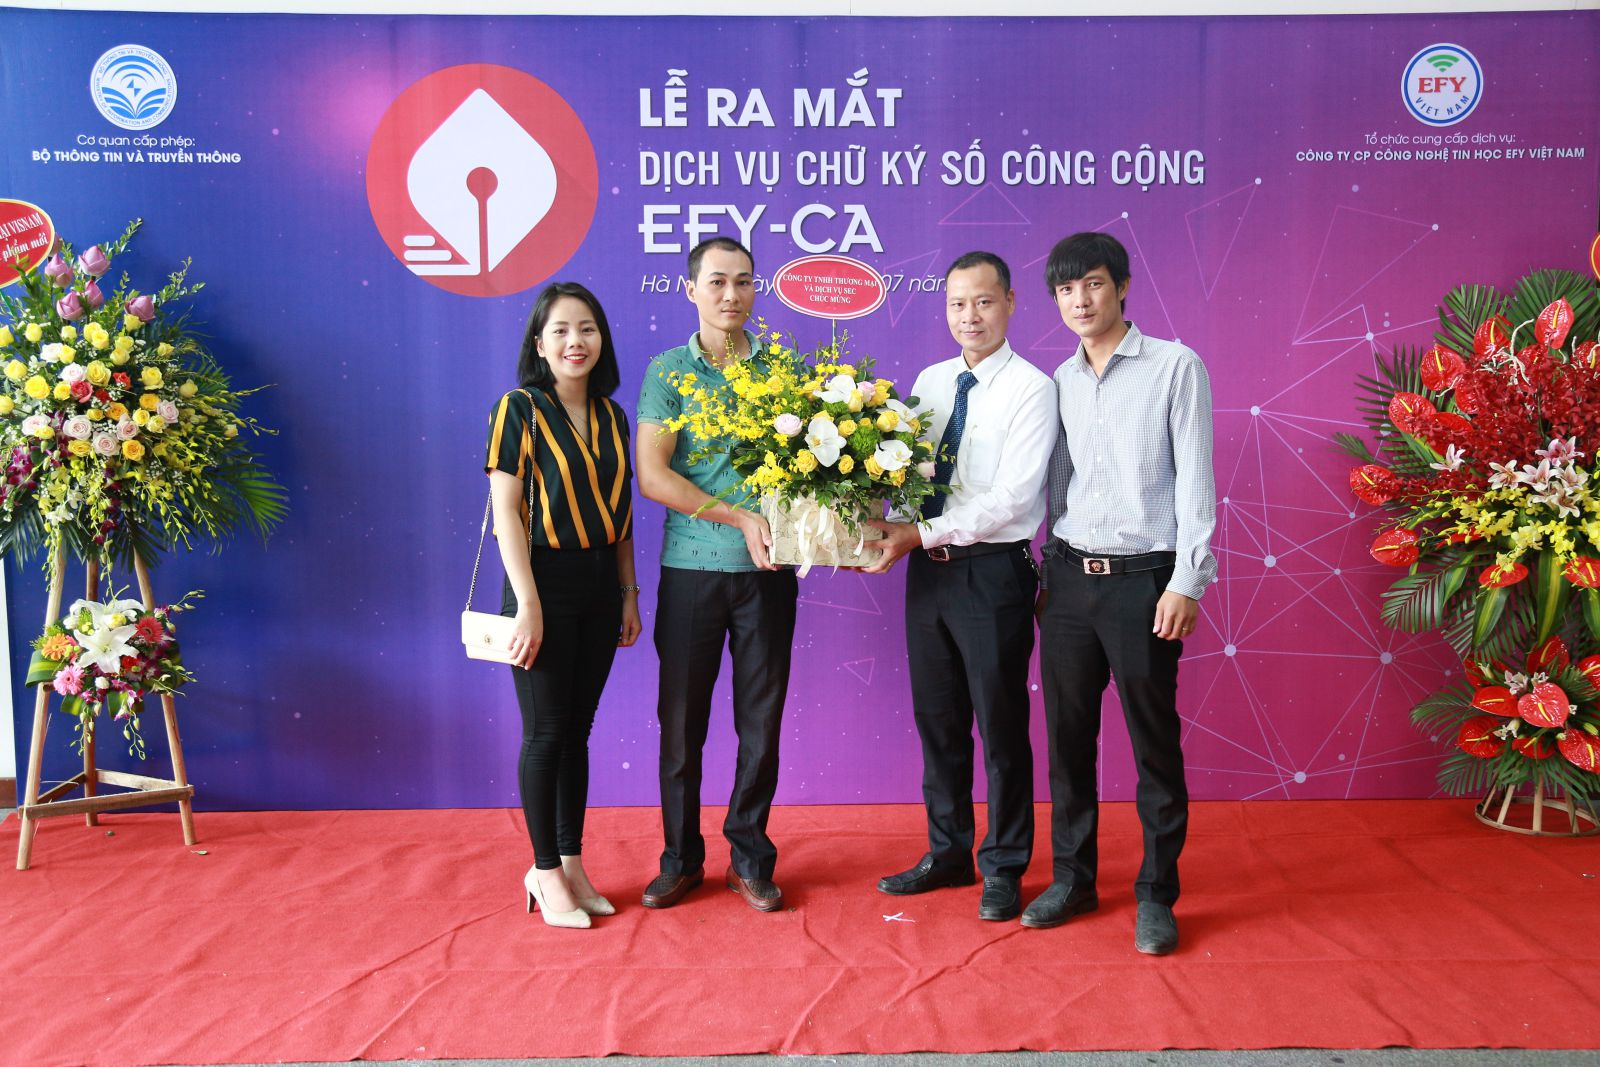 Dân trí- EFY Việt Nam ra mắt dịch vụ chữ ký số công cộng EFY-CA